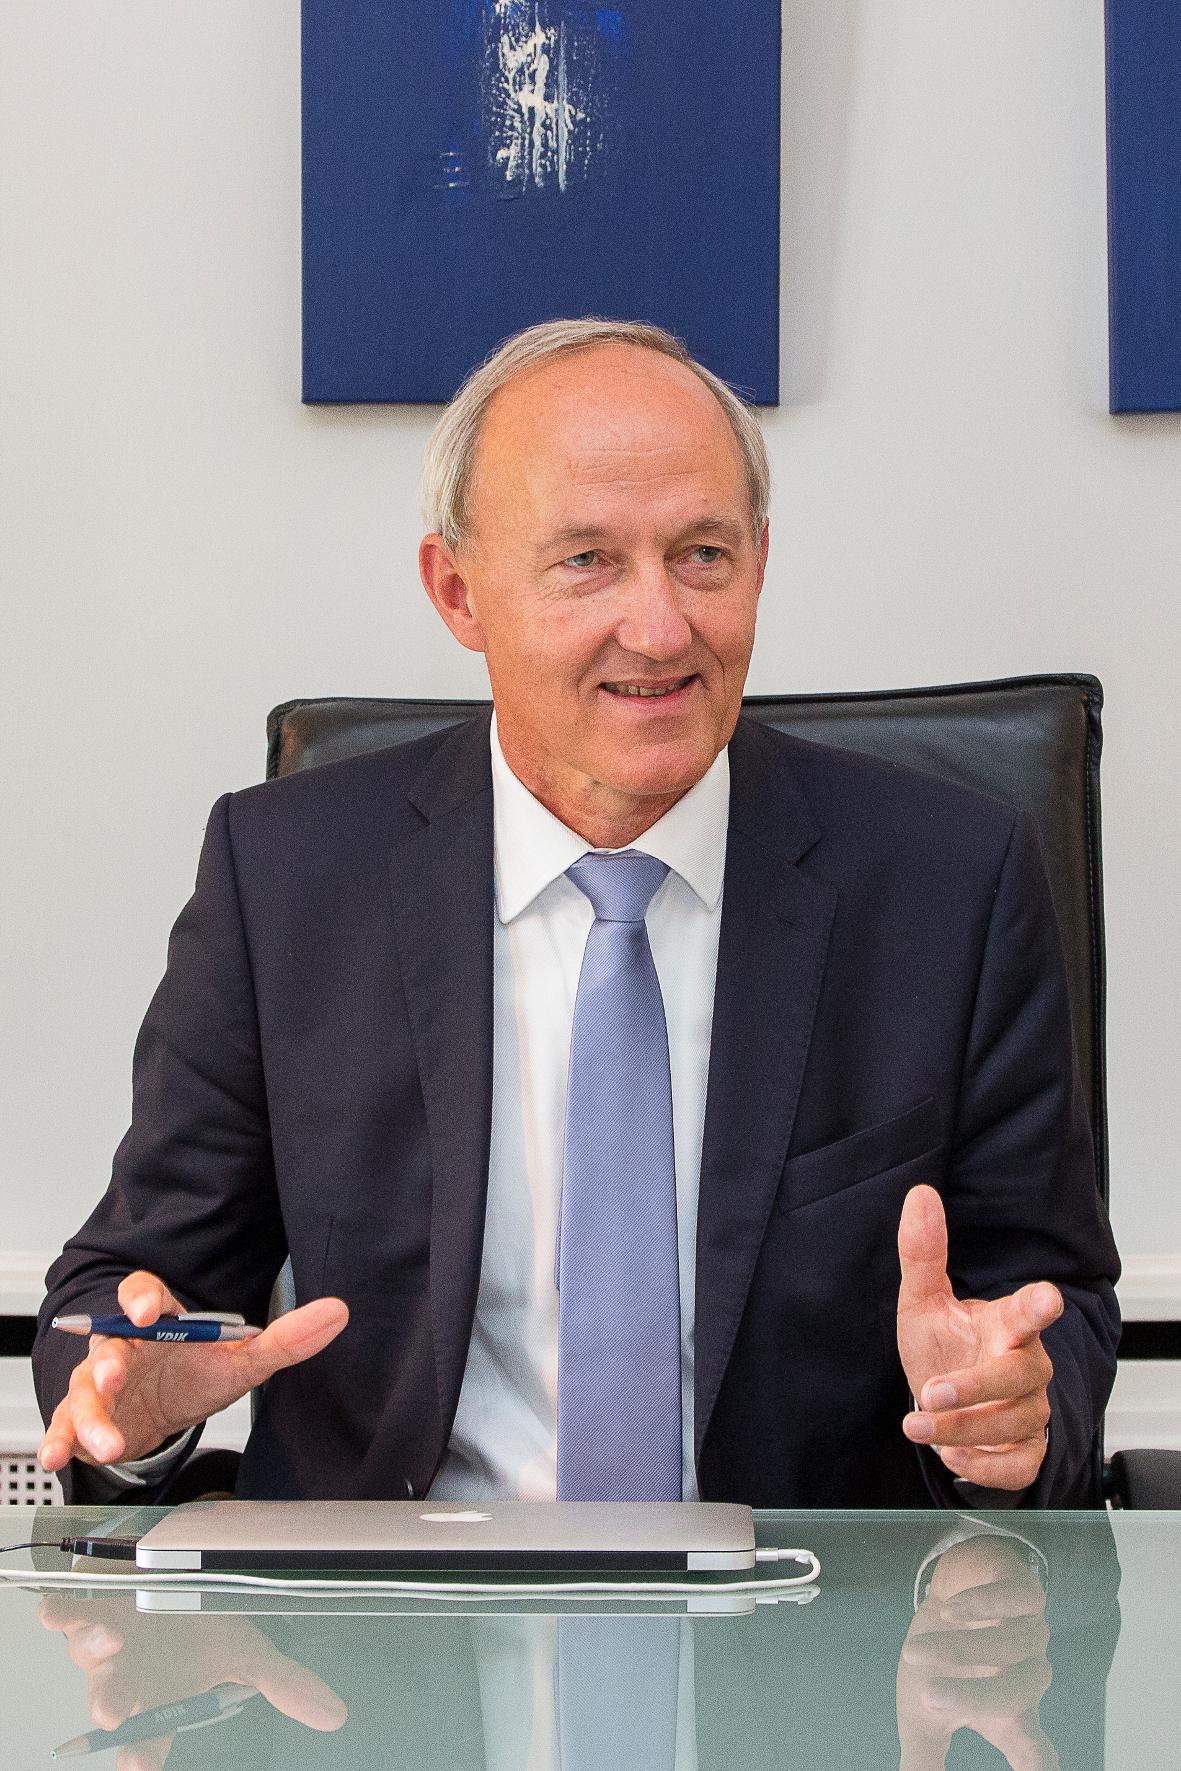 mid Frankfurt am Main - VDIK-Präsident Reinhard Zirpel sorgt beim Verband der Auto-Importeure in Deutschland für frischen Wind.